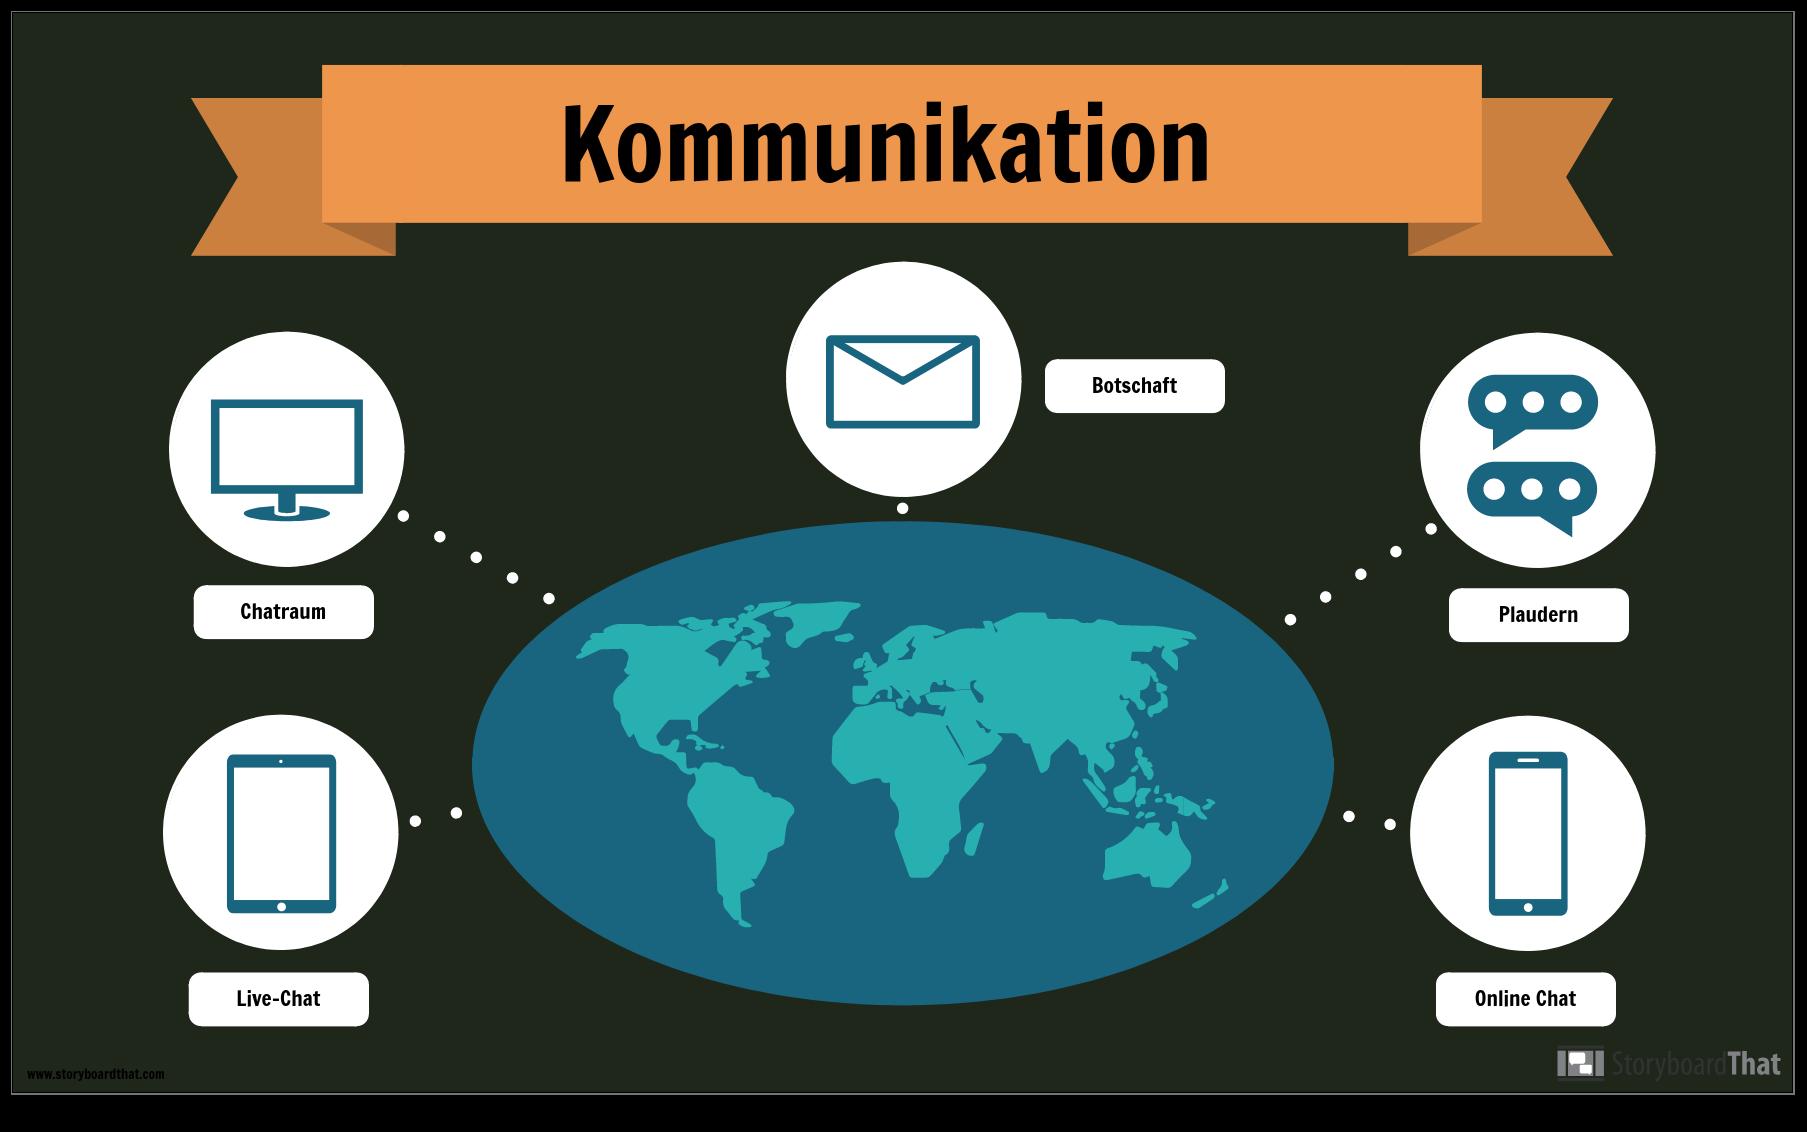 Kommunikationsbeispiel